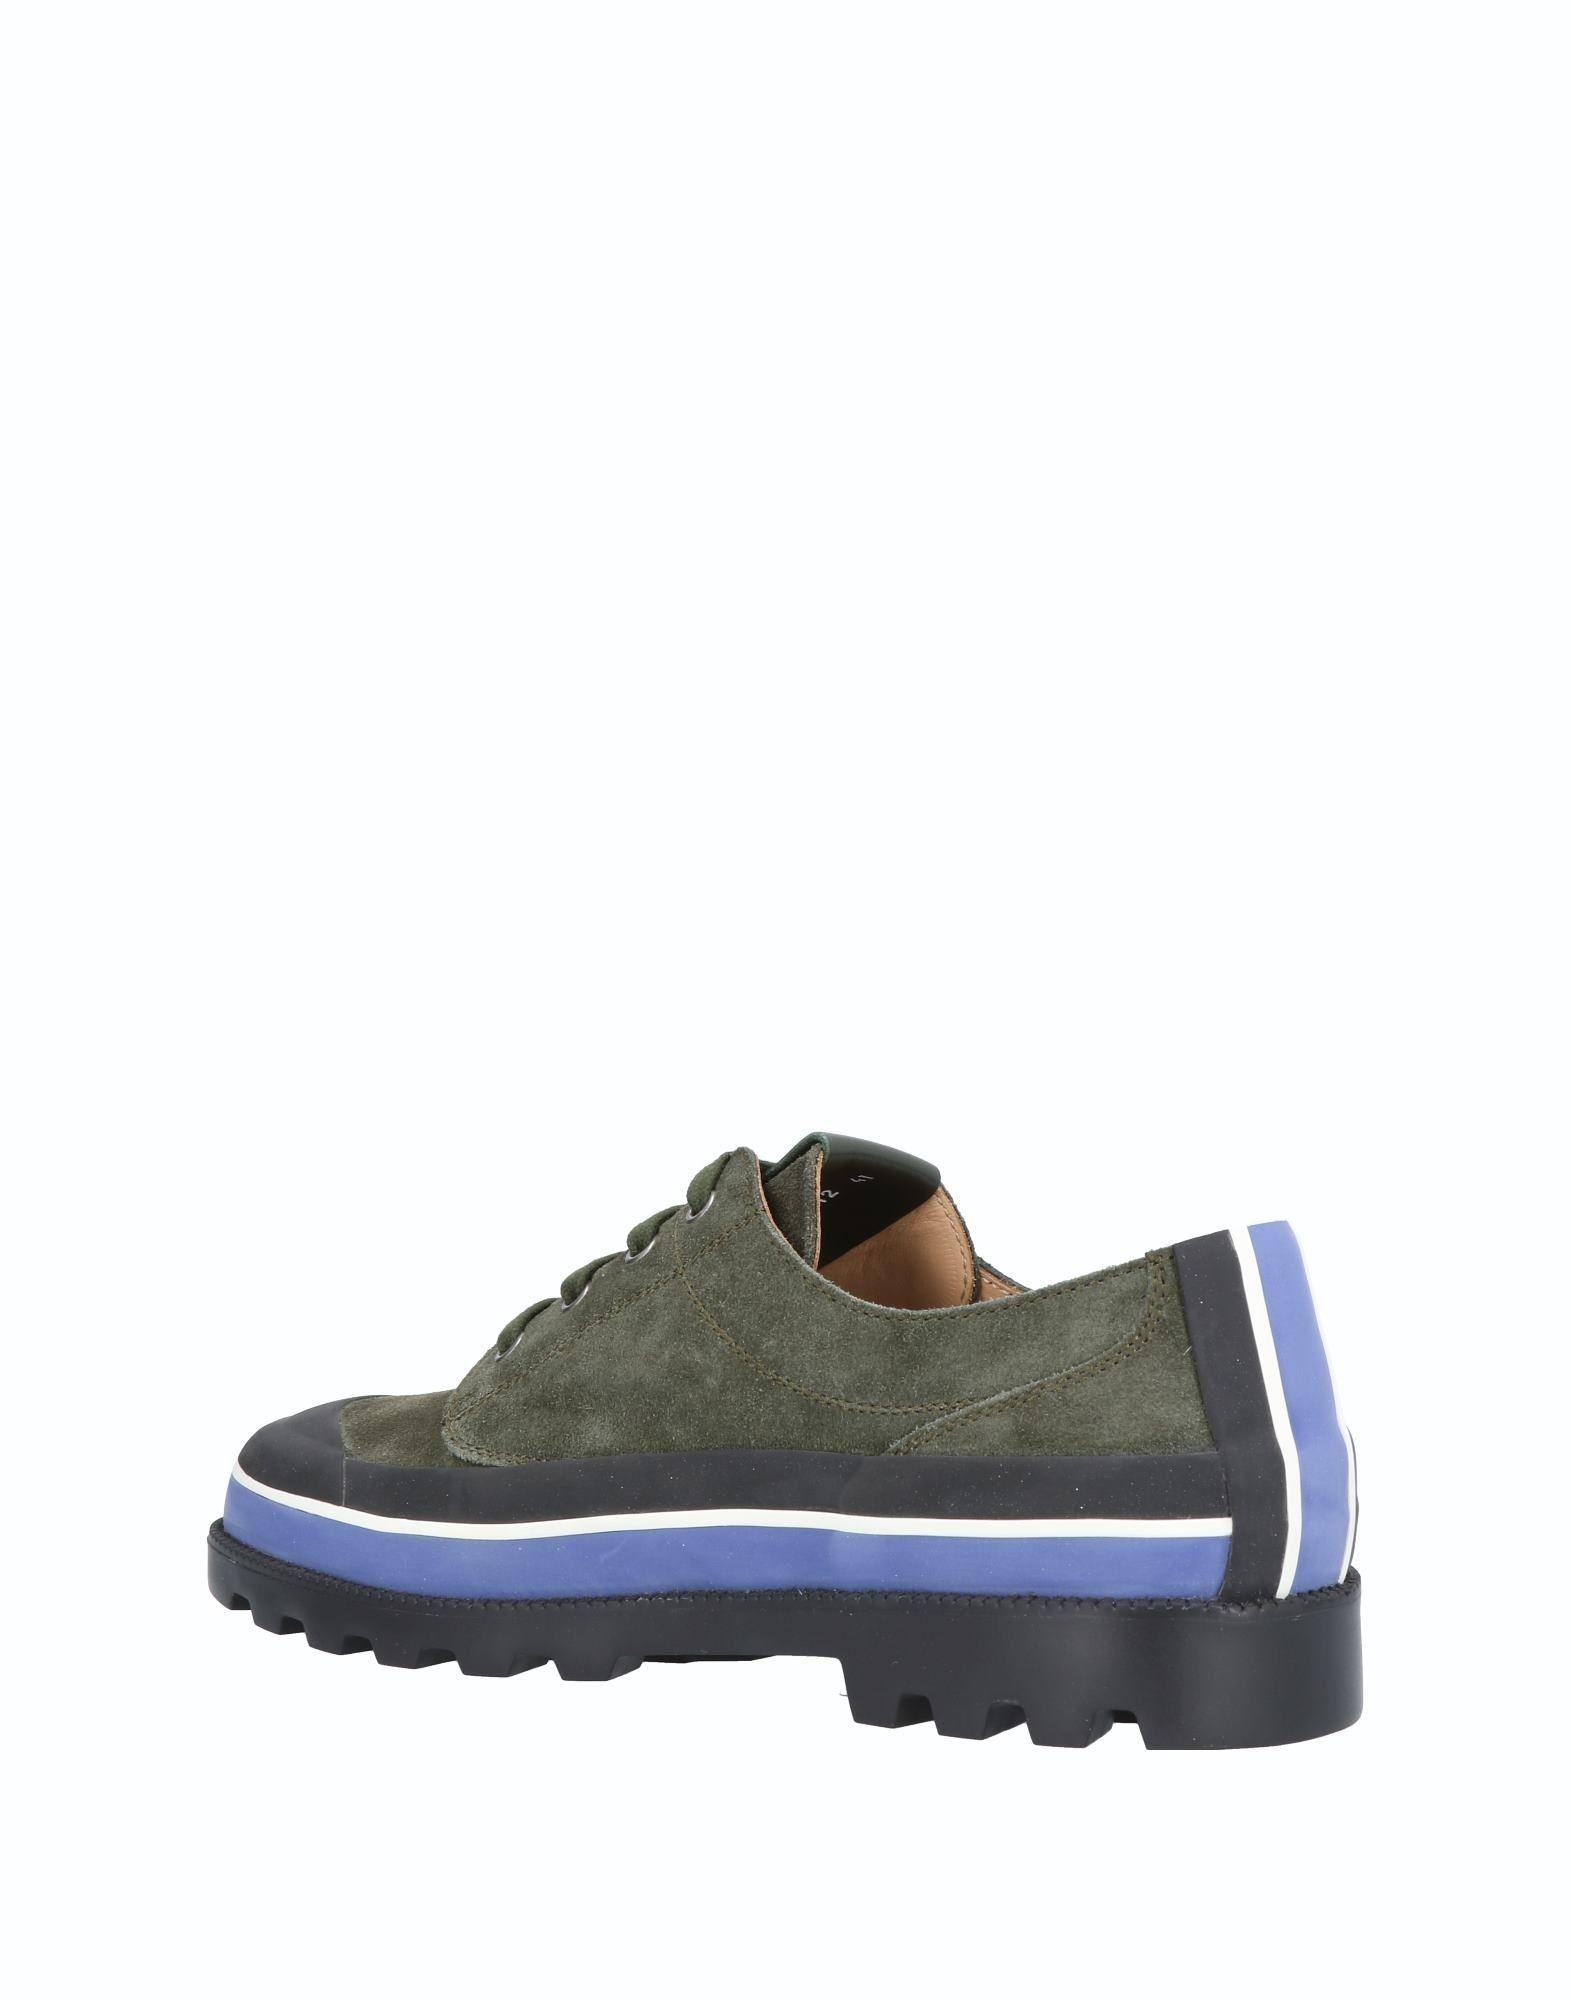 Valentino Garavani Gute Schnürschuhe Herren  11463110RX Gute Garavani Qualität beliebte Schuhe b672f0